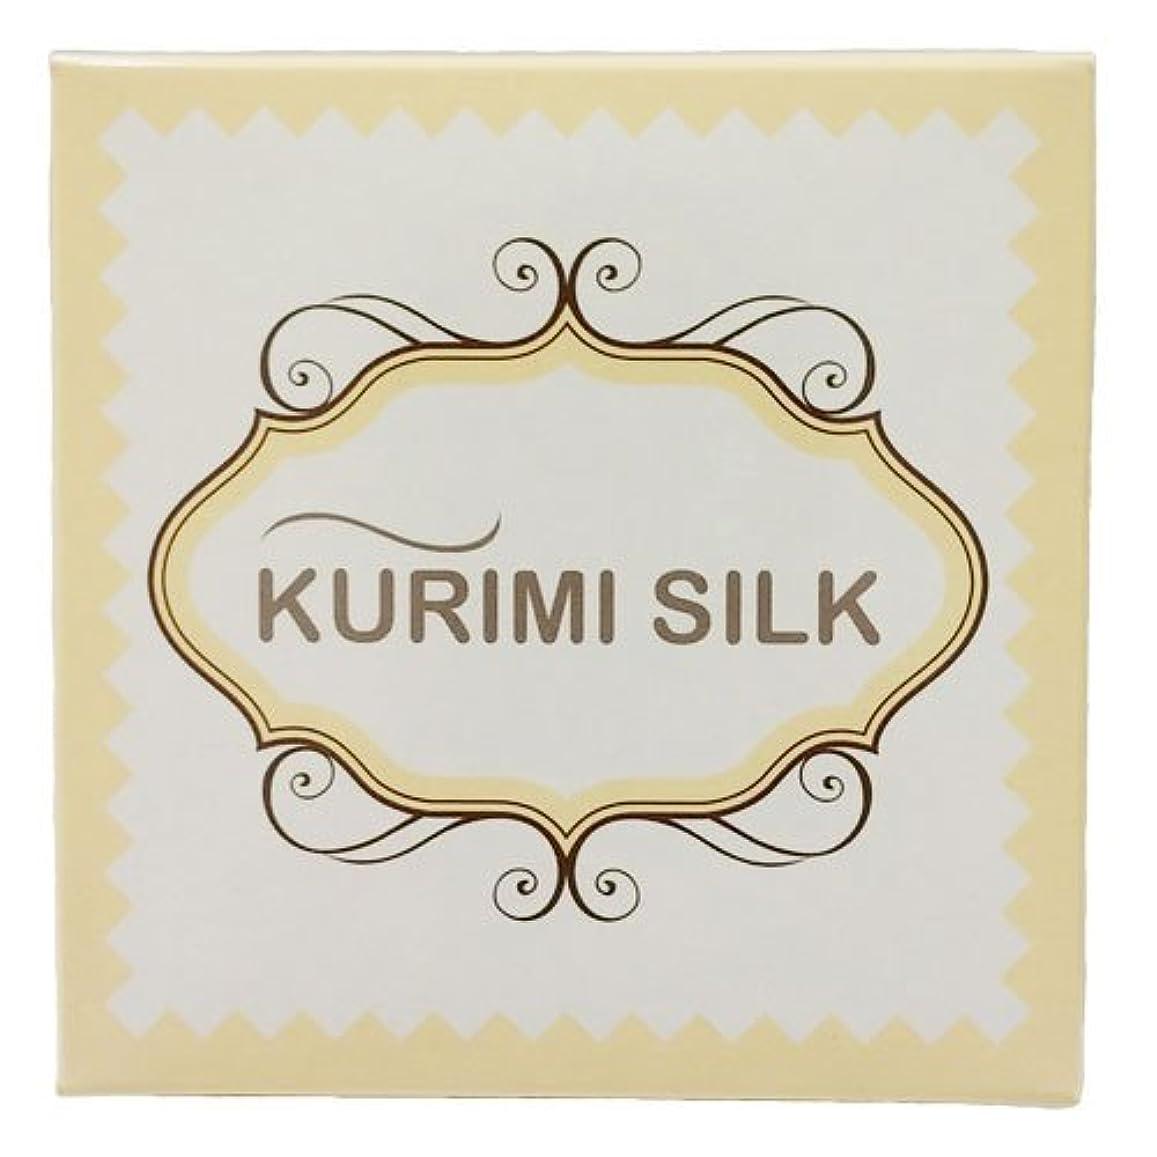 先見の明驚くべき農業KURIMI SILK クリミシルク 美白?保湿(わくねり化粧石けん) (1個)